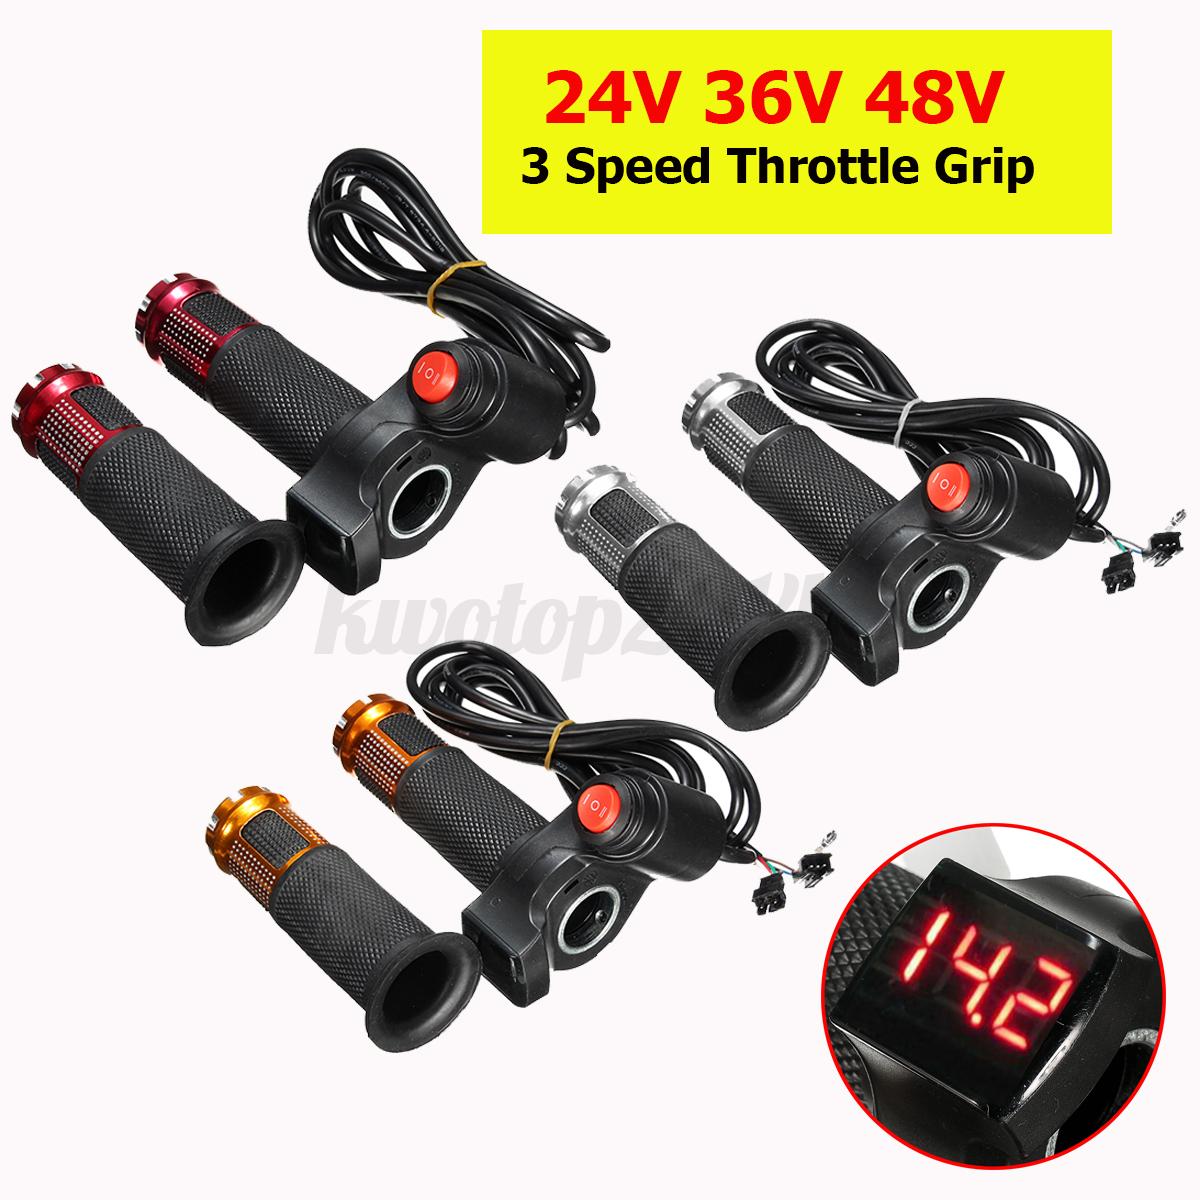 24V 36V 48V 3 Speed E-bike Scooter Throttle Grip Handlebar LED Digital Meter